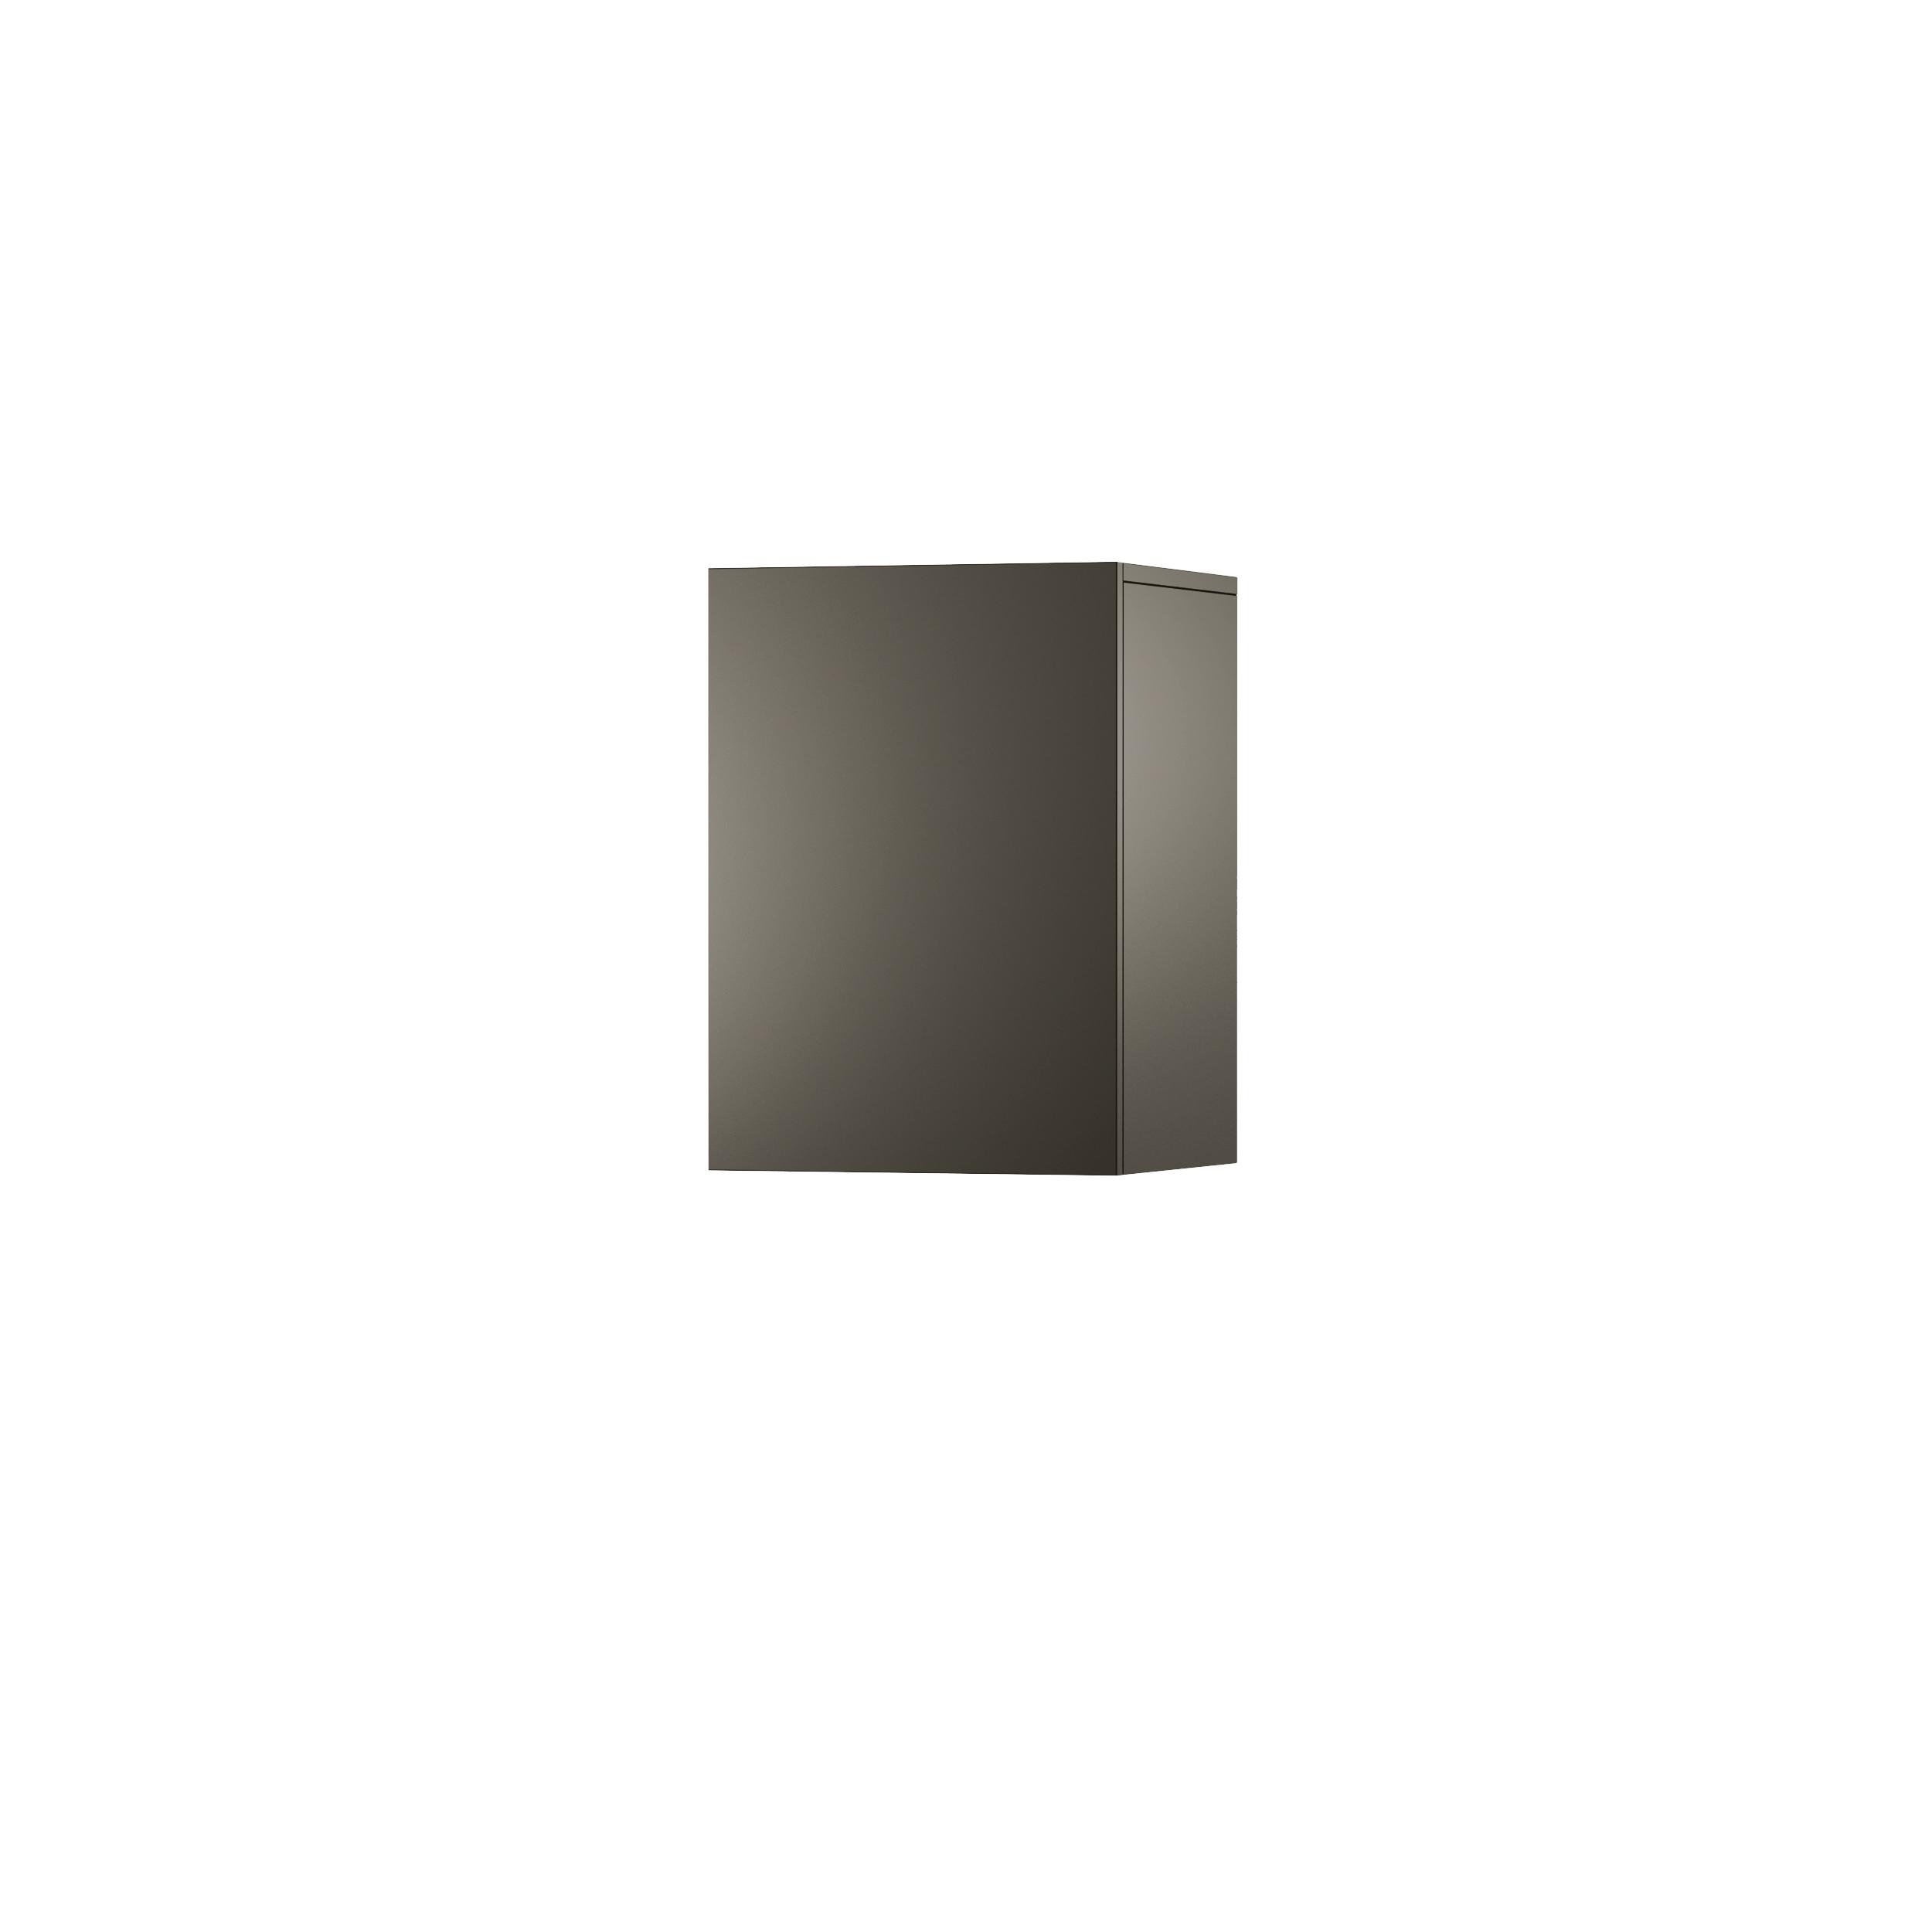 Dulap Modular Nook Narrow Graphite  L42xl37xh58 Cm